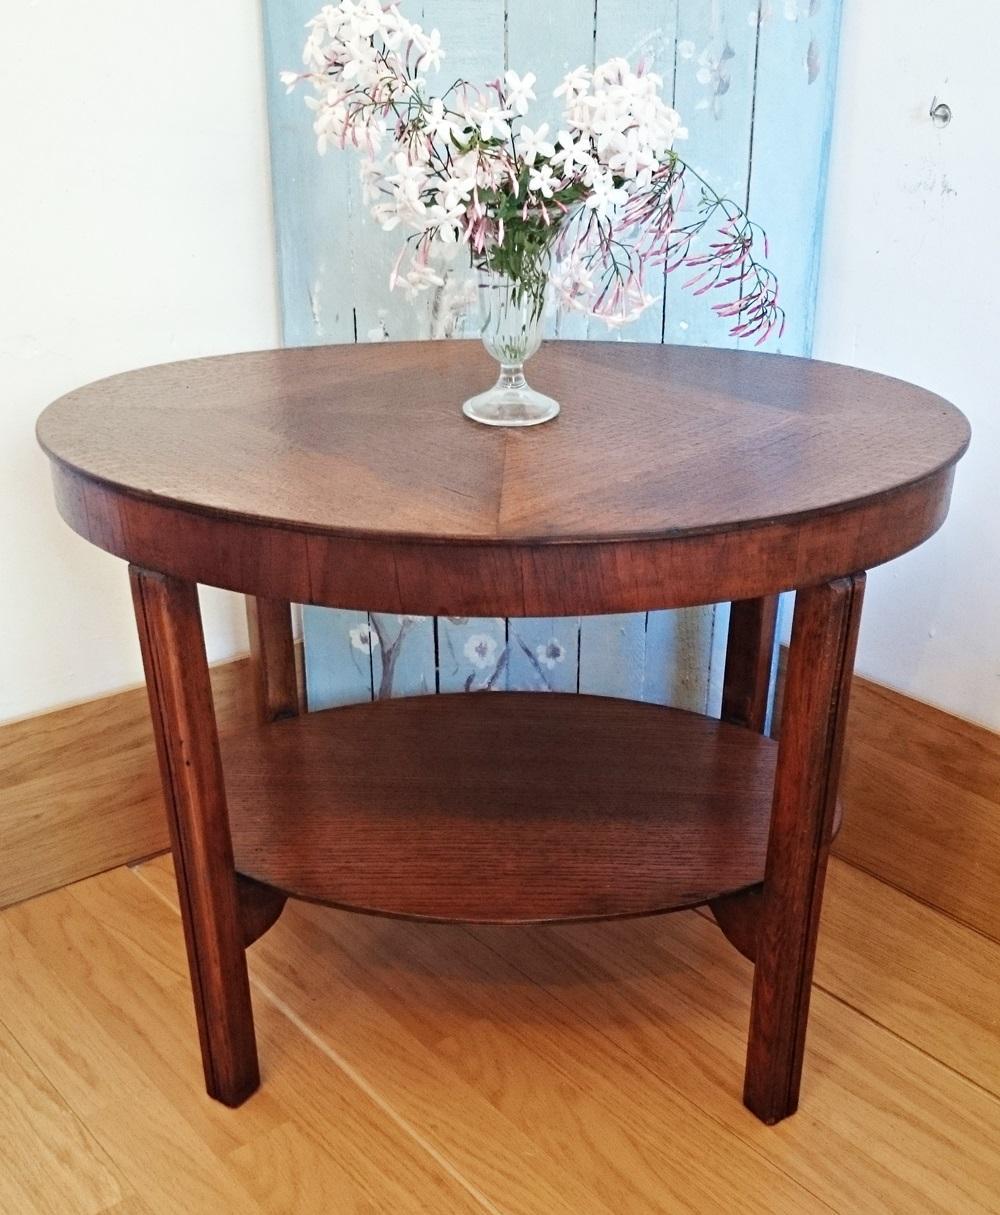 Mesa auxiliar vintage ovalada tienda online de decoraci n y muebles personalizados - Mesa auxiliar ...